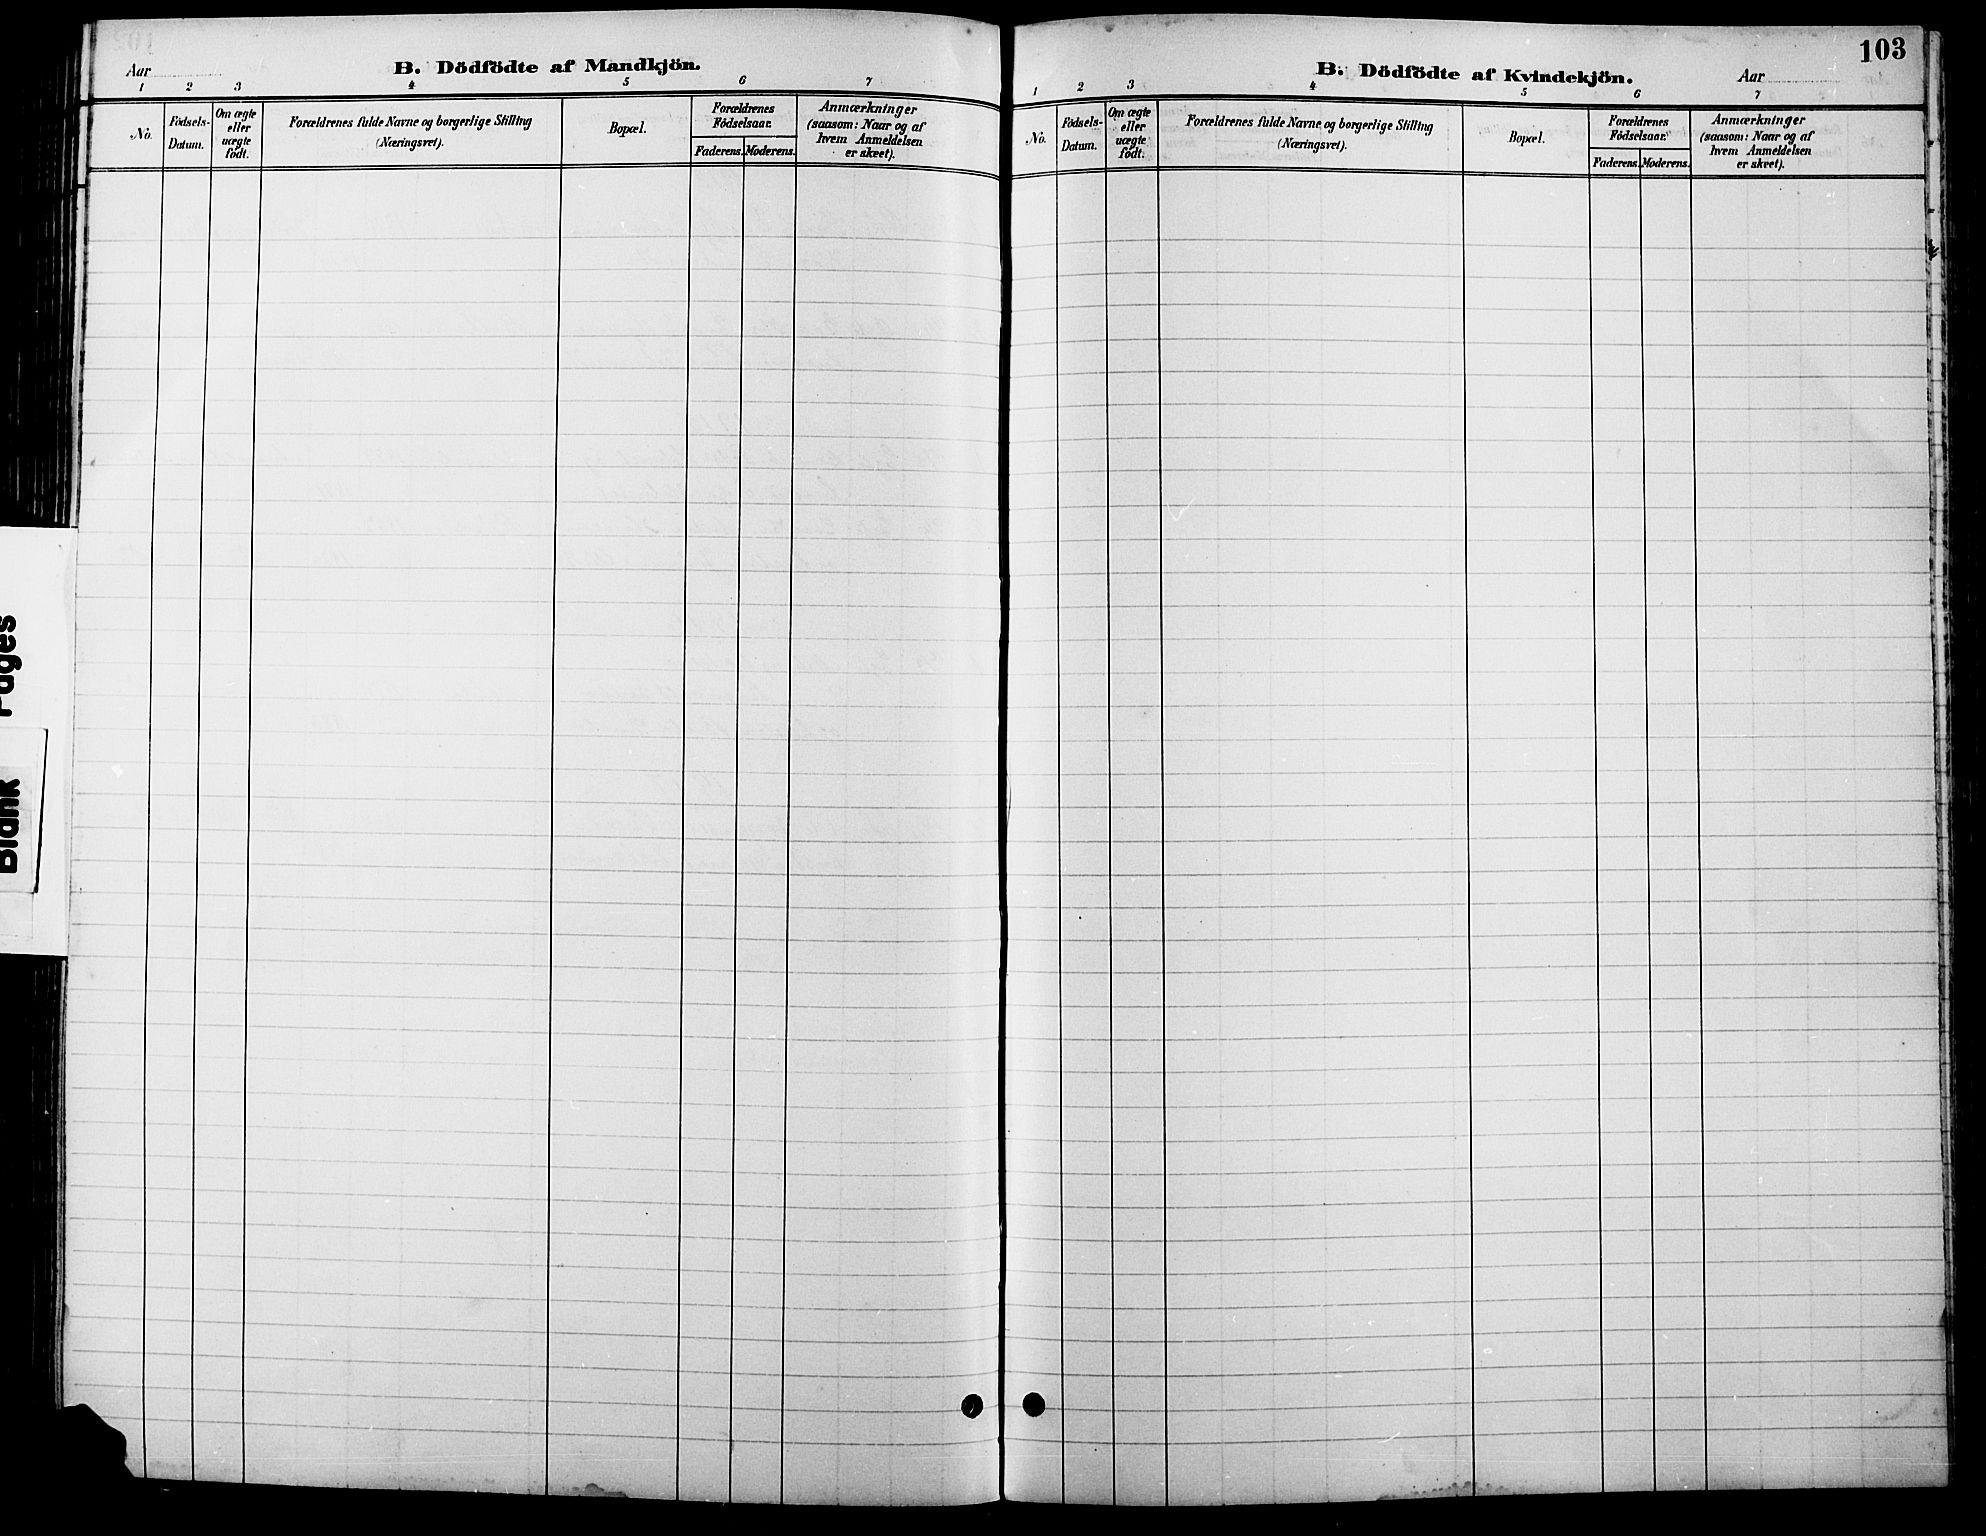 SAH, Lesja prestekontor, Parish register (copy) no. 7, 1895-1919, p. 103